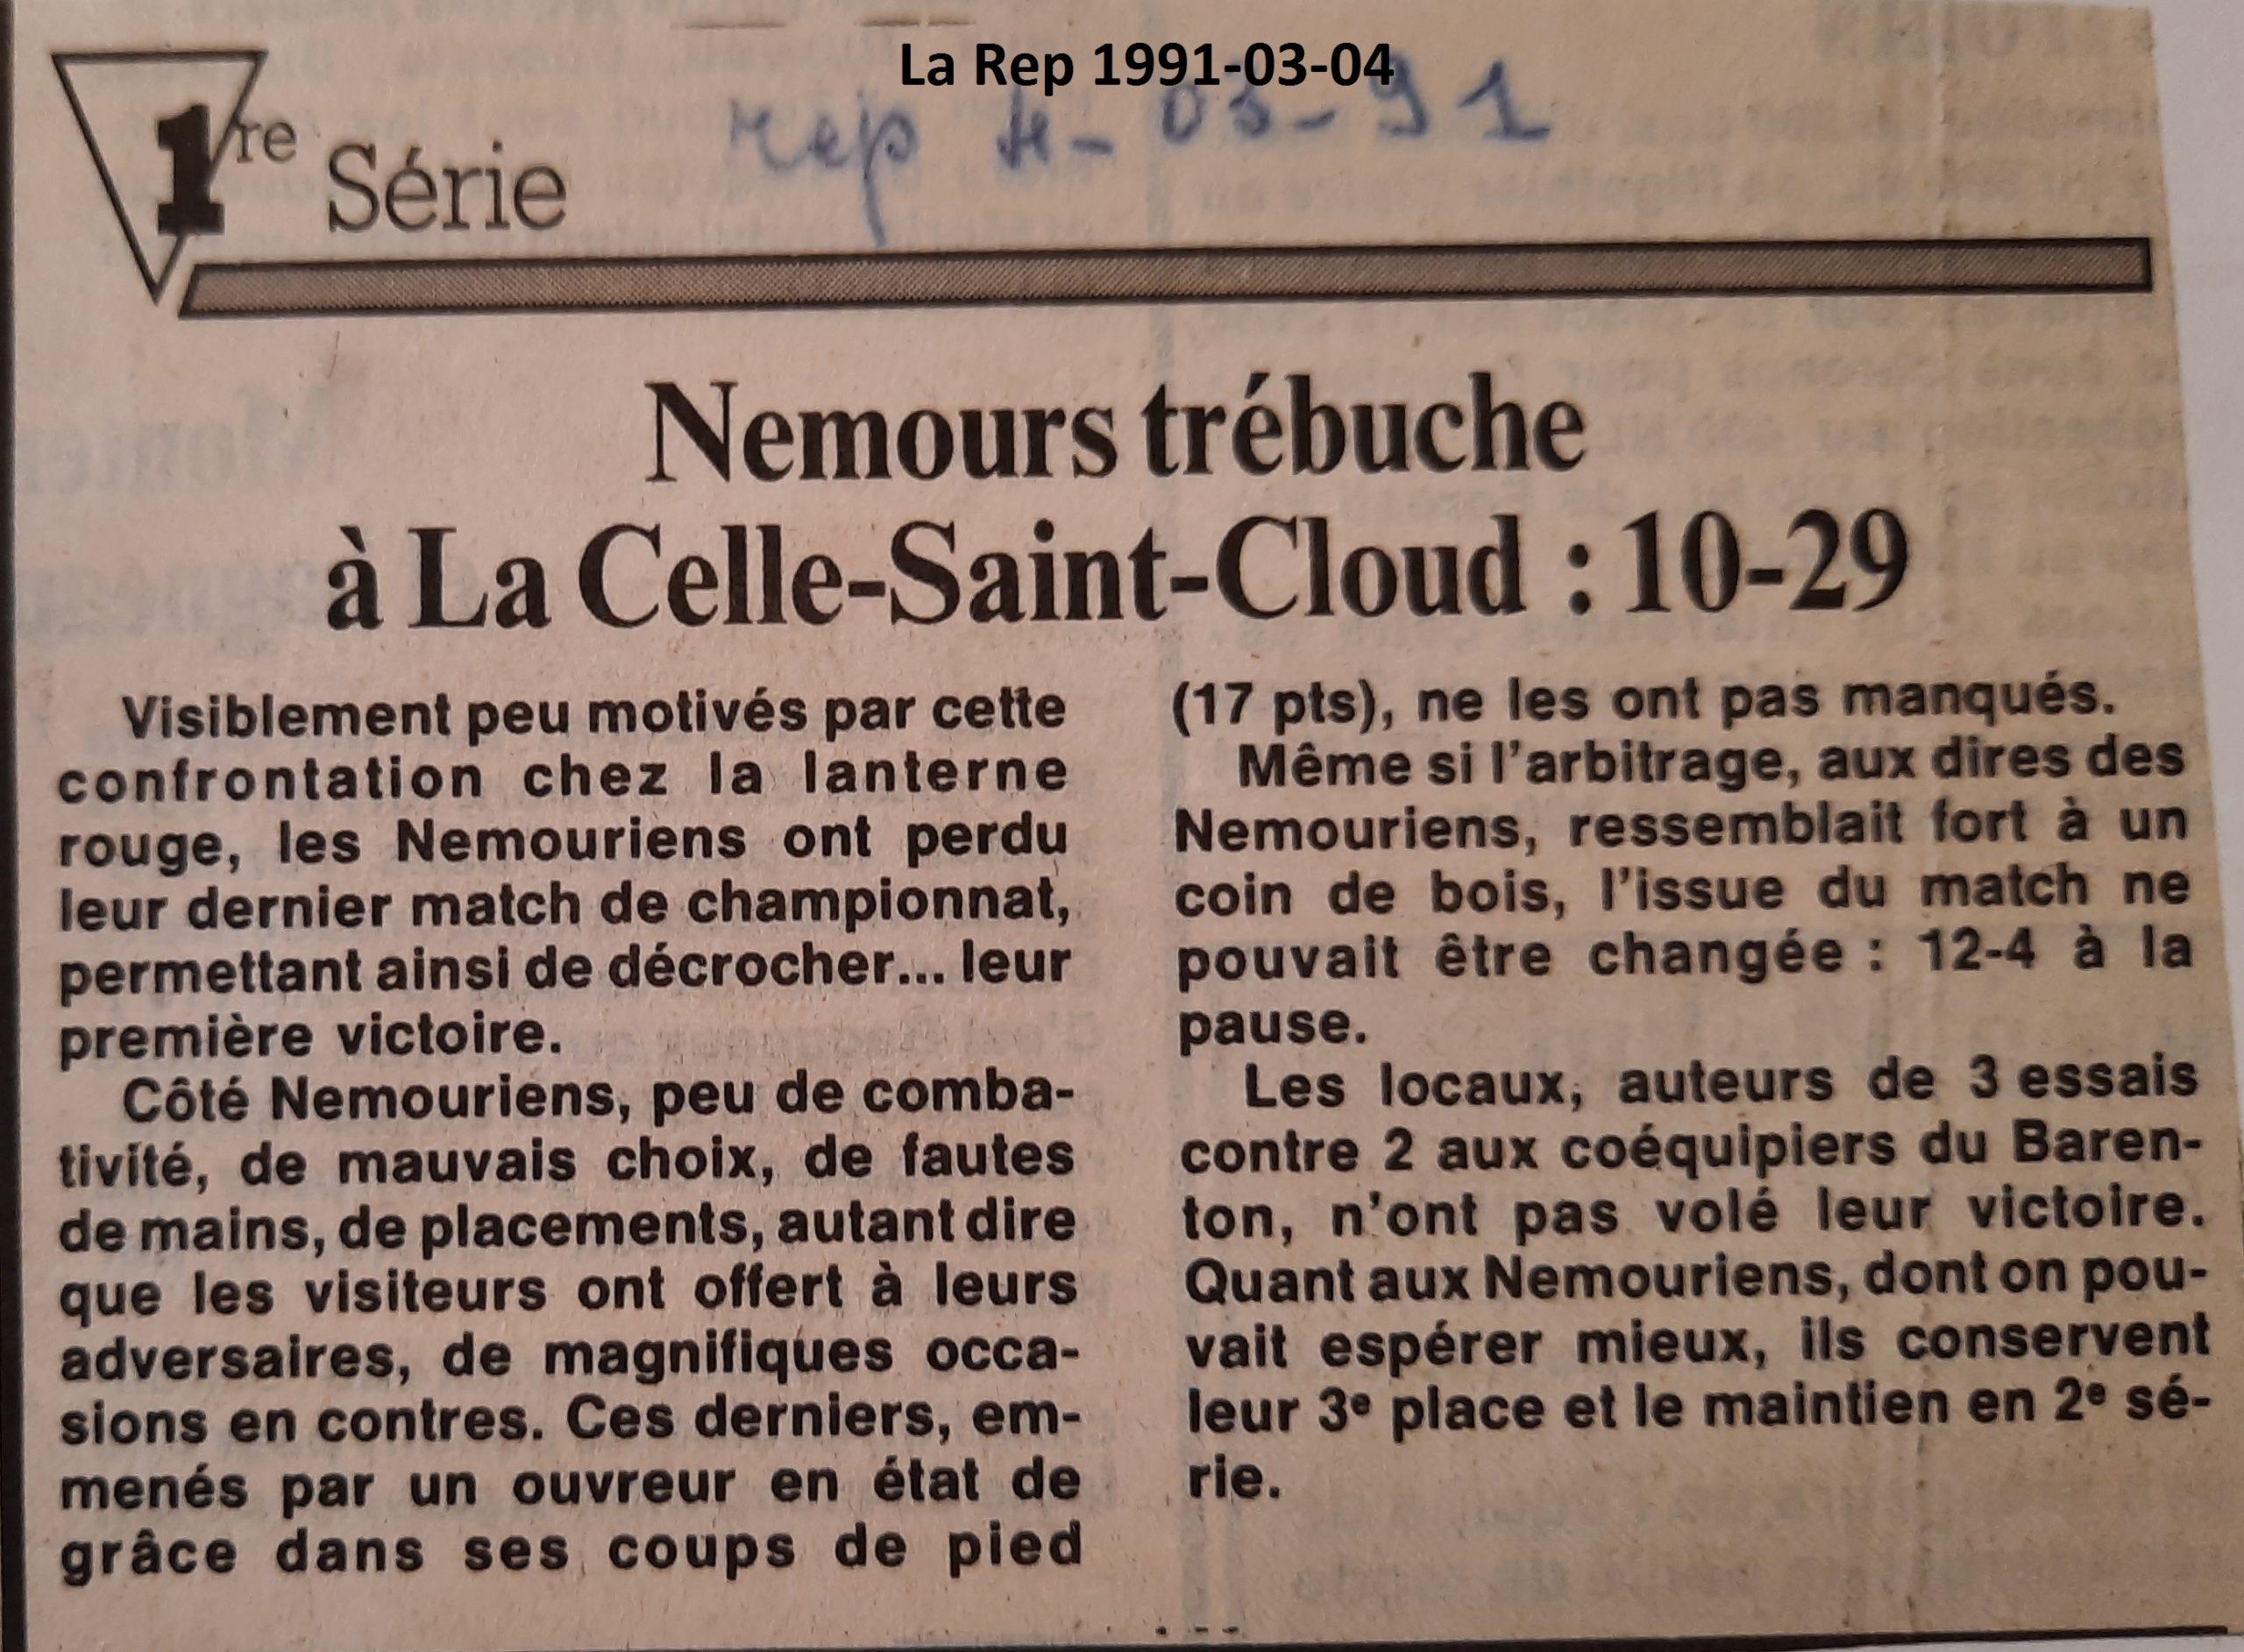 La République 1991-03-04